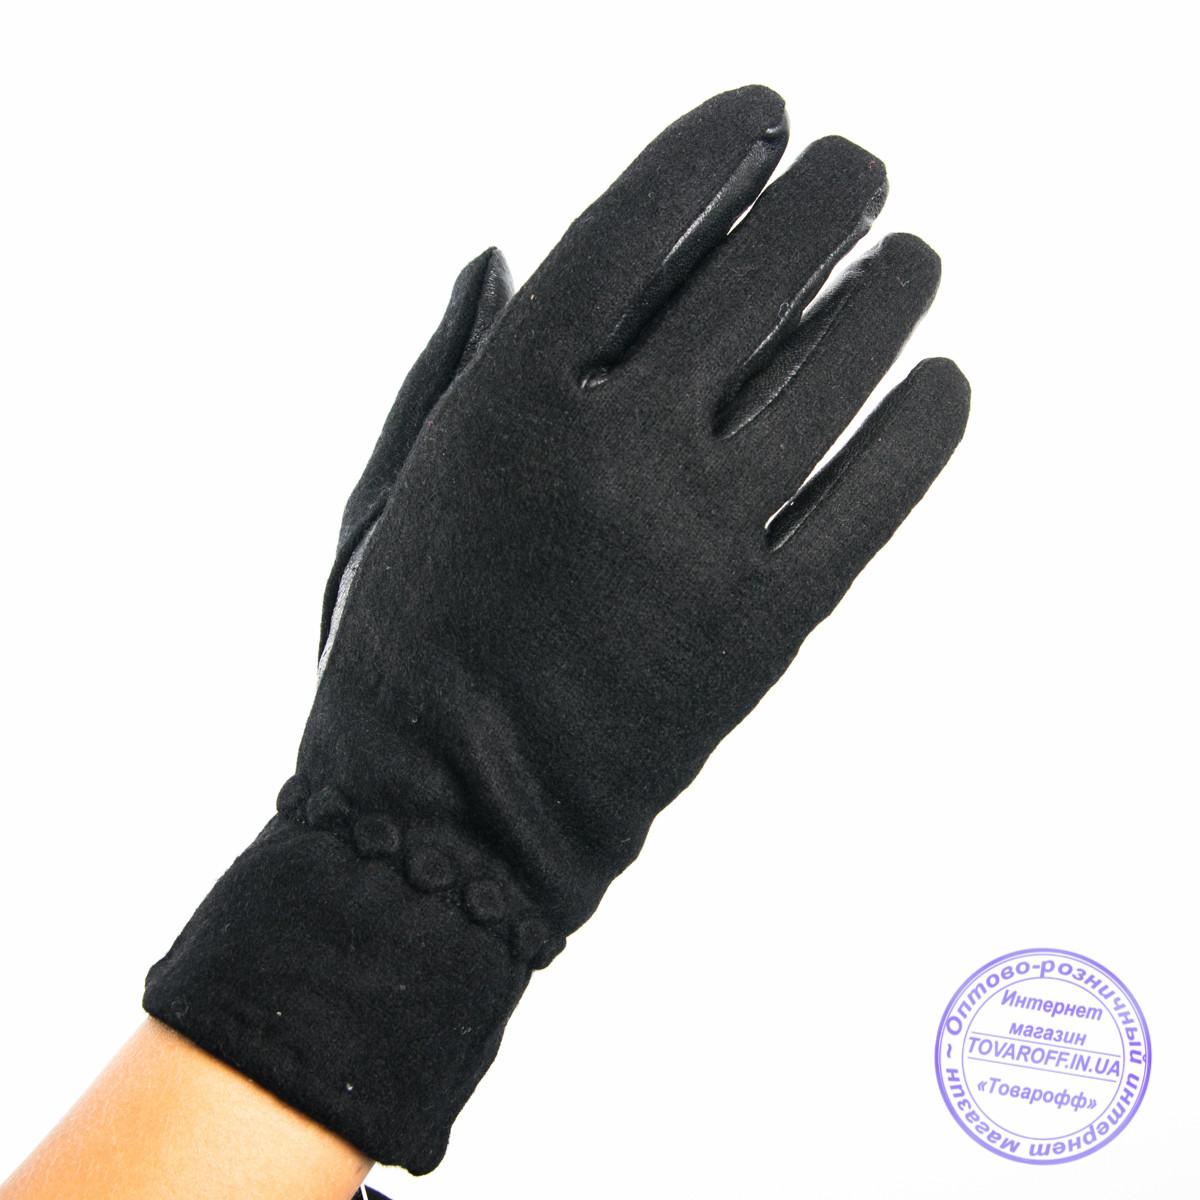 Женские кашемировые перчатки с кожаной ладошкой с плюшевой подкладкой - №F4-4